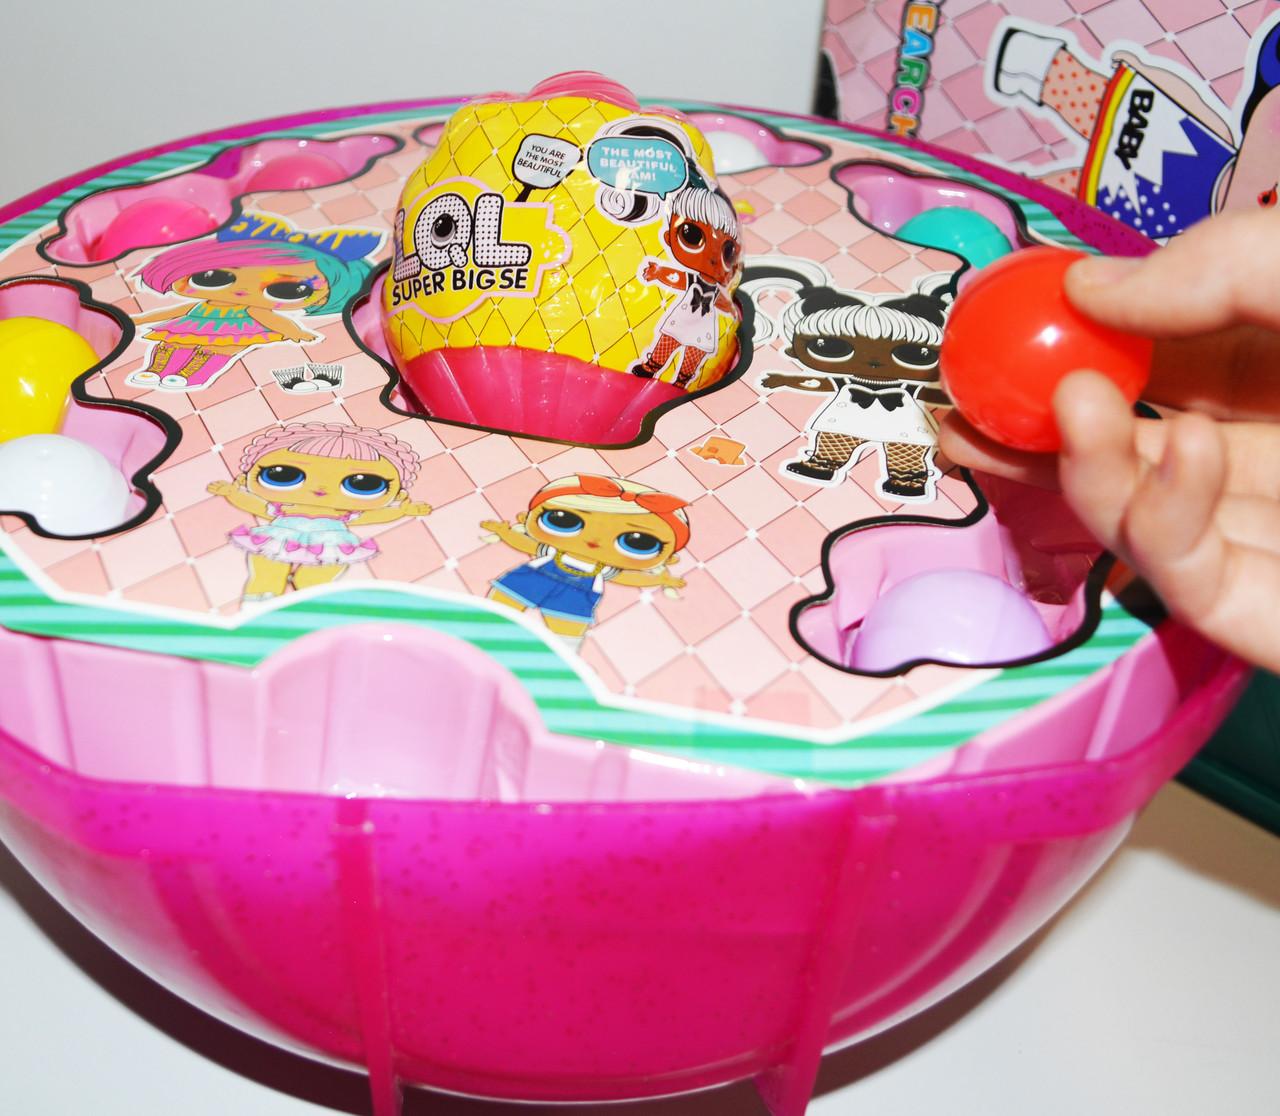 Большой шар сюрприз Big Lol Surprise кукла лол и аксессуары 45+ (series 38) в ассортименте - фото 6